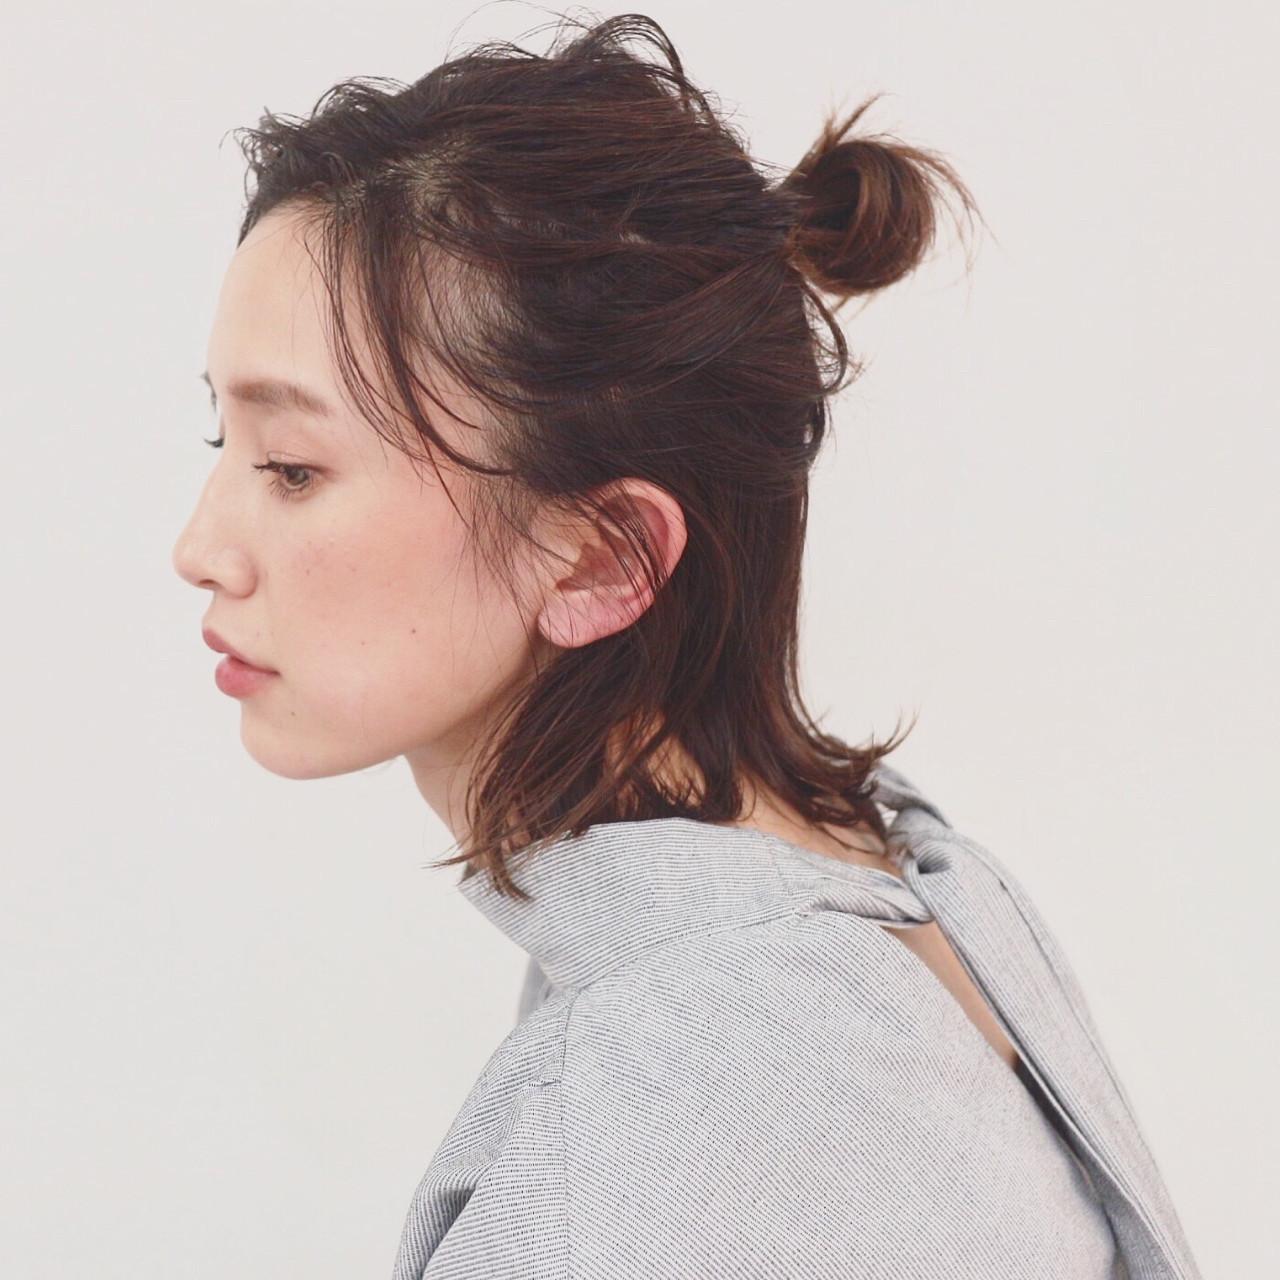 前髪なしでスッキリお団子ハーフアップ 三好 佳奈美  Baco.(バコ)